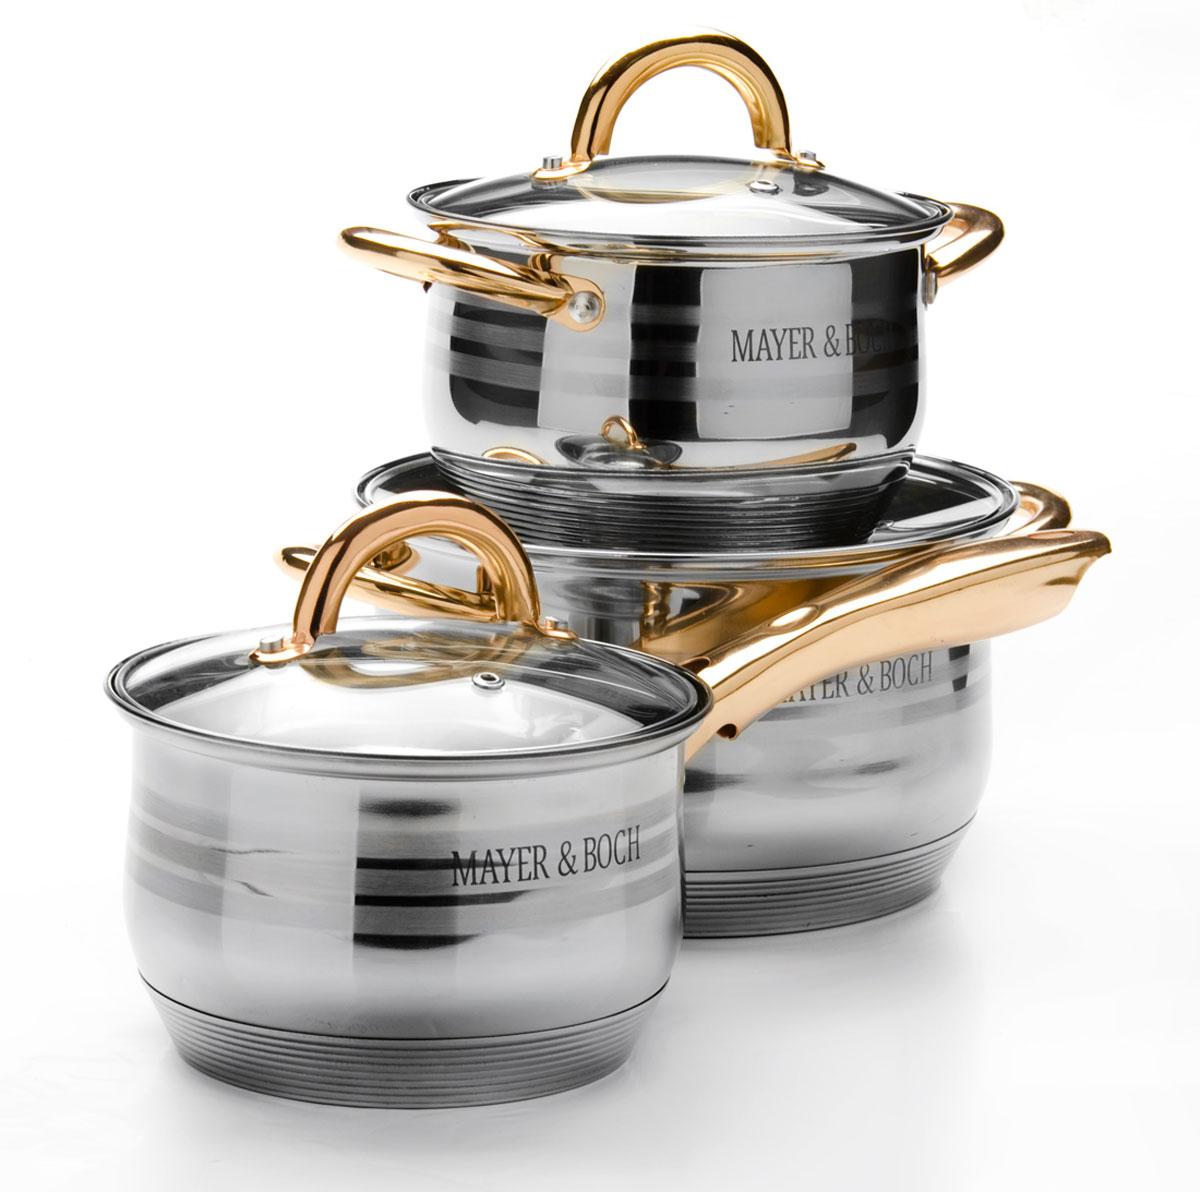 Набор посуды Mayer & Boch, 6 предметов. 25671256712,1+2,1+3,9л